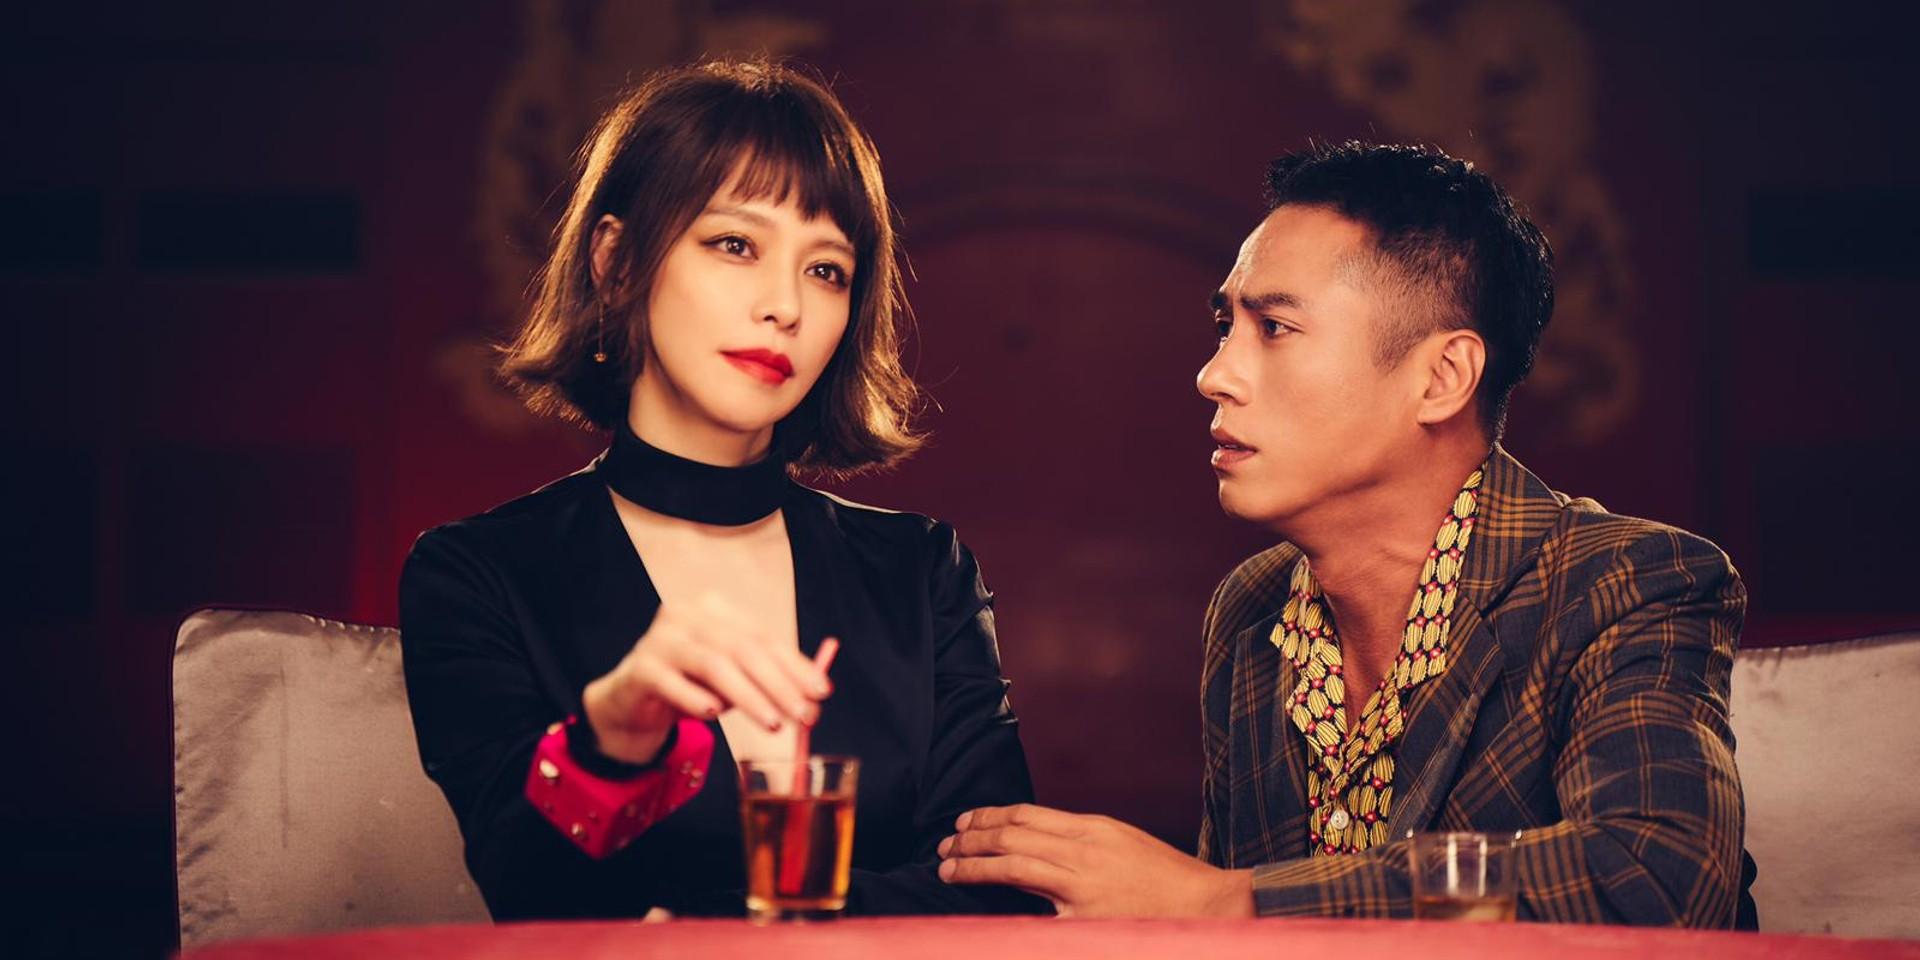 徐若瑄时隔多年回归歌坛 心中始终保有对音乐的热情